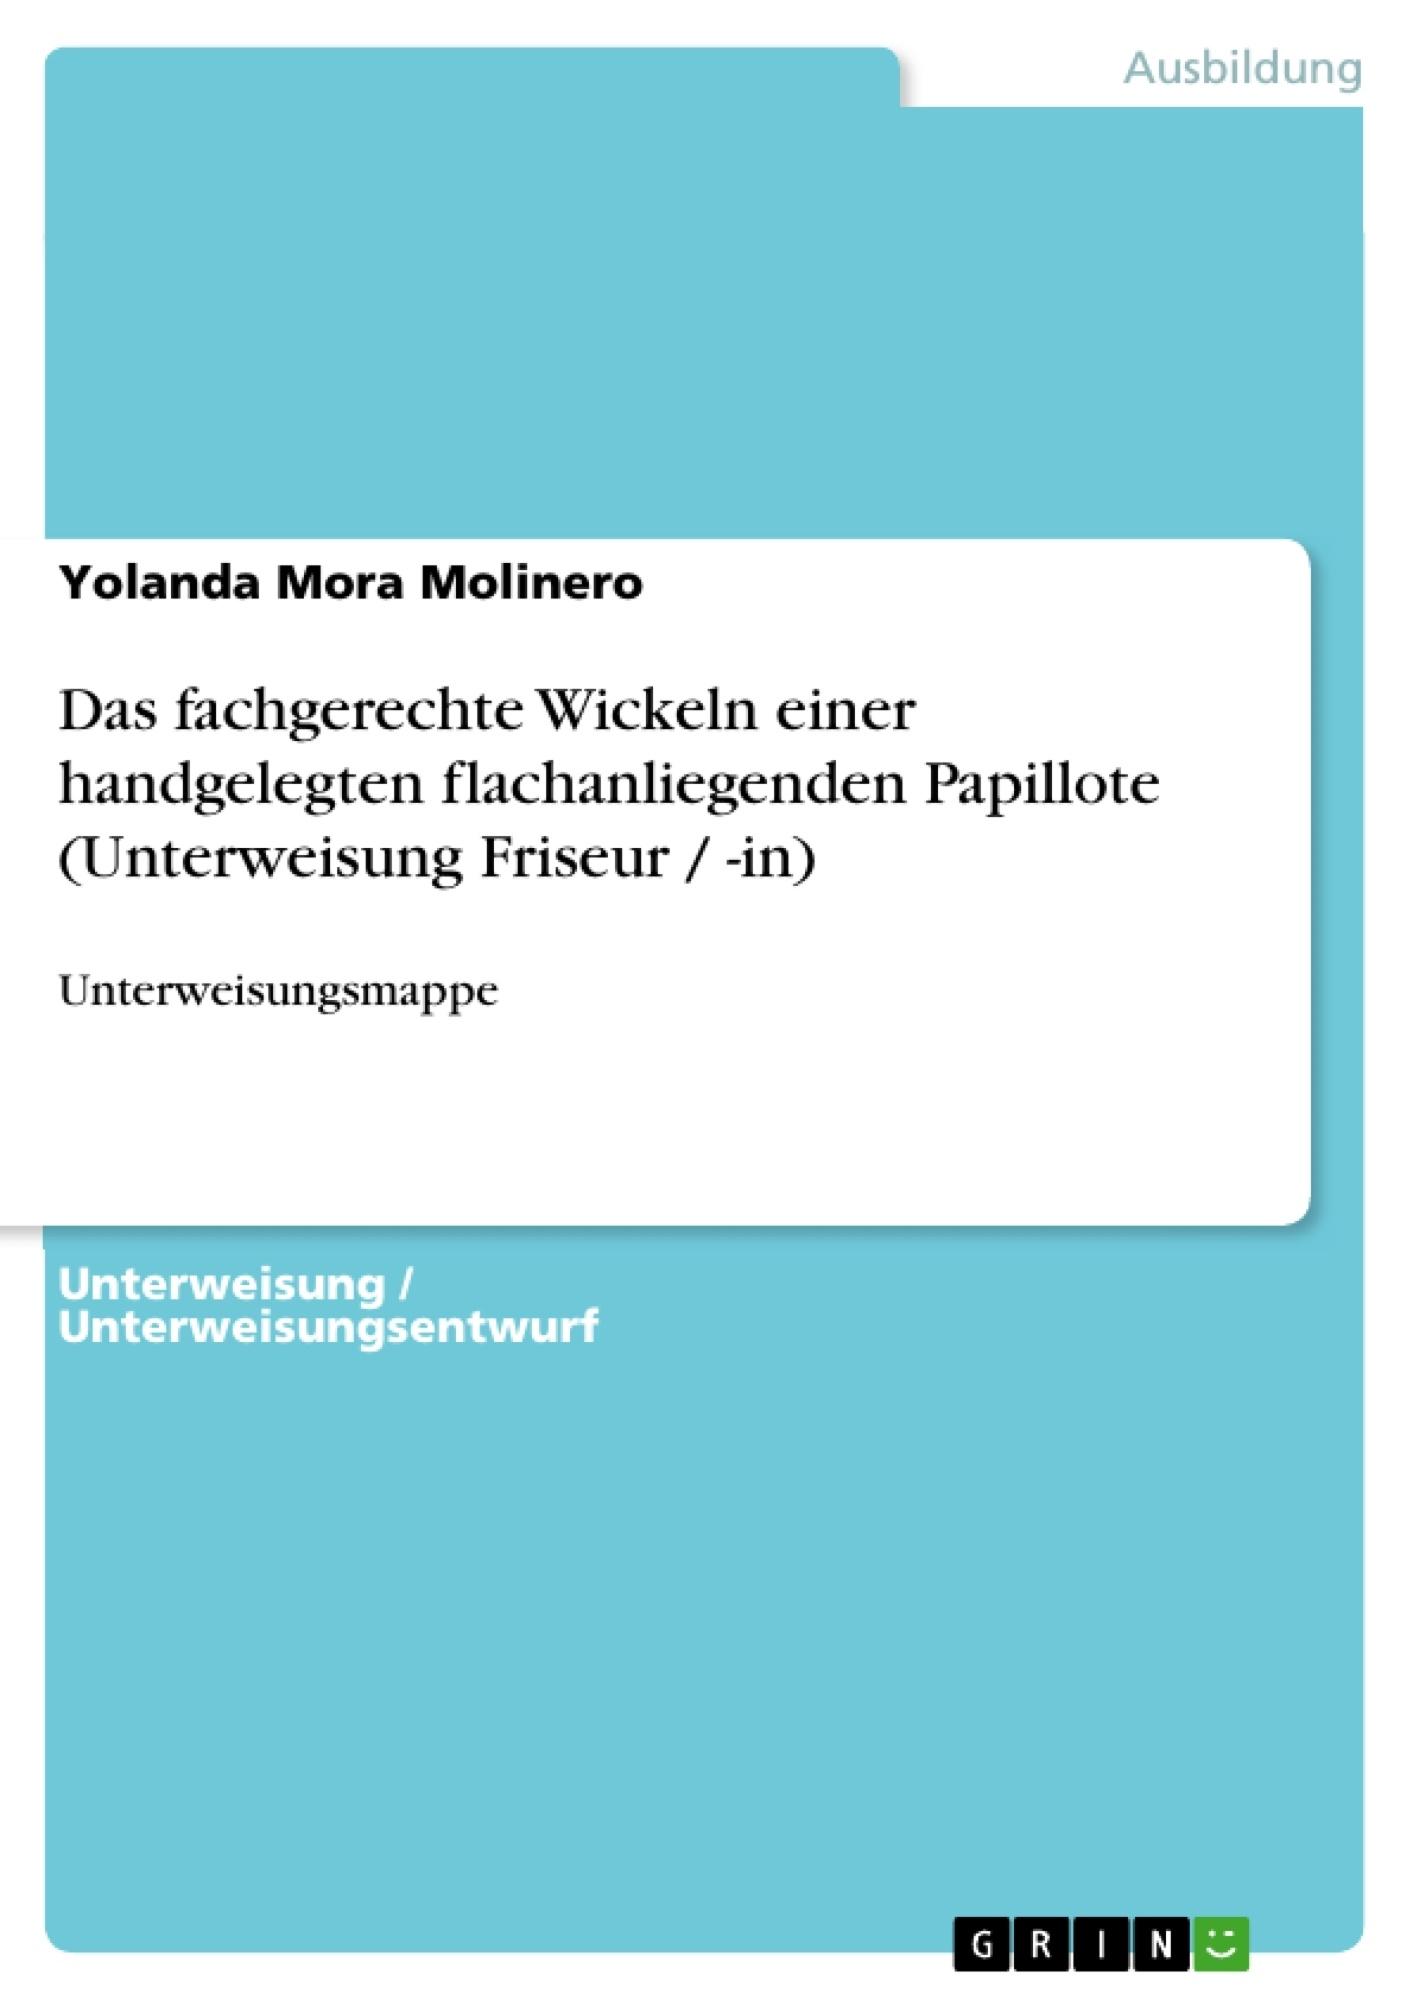 Titel: Das fachgerechte Wickeln einer handgelegten flachanliegenden Papillote (Unterweisung Friseur / -in)